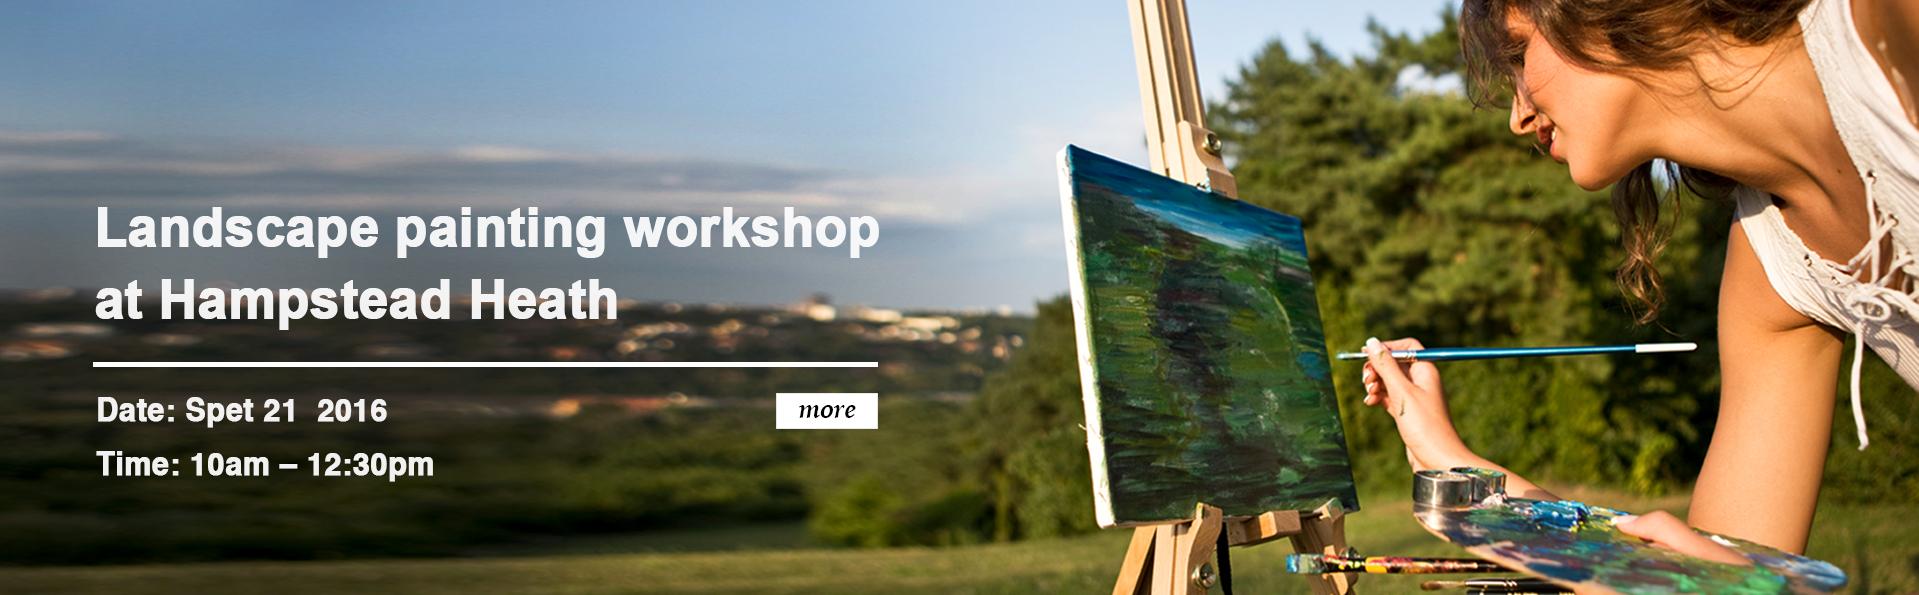 landscape painting workshop london